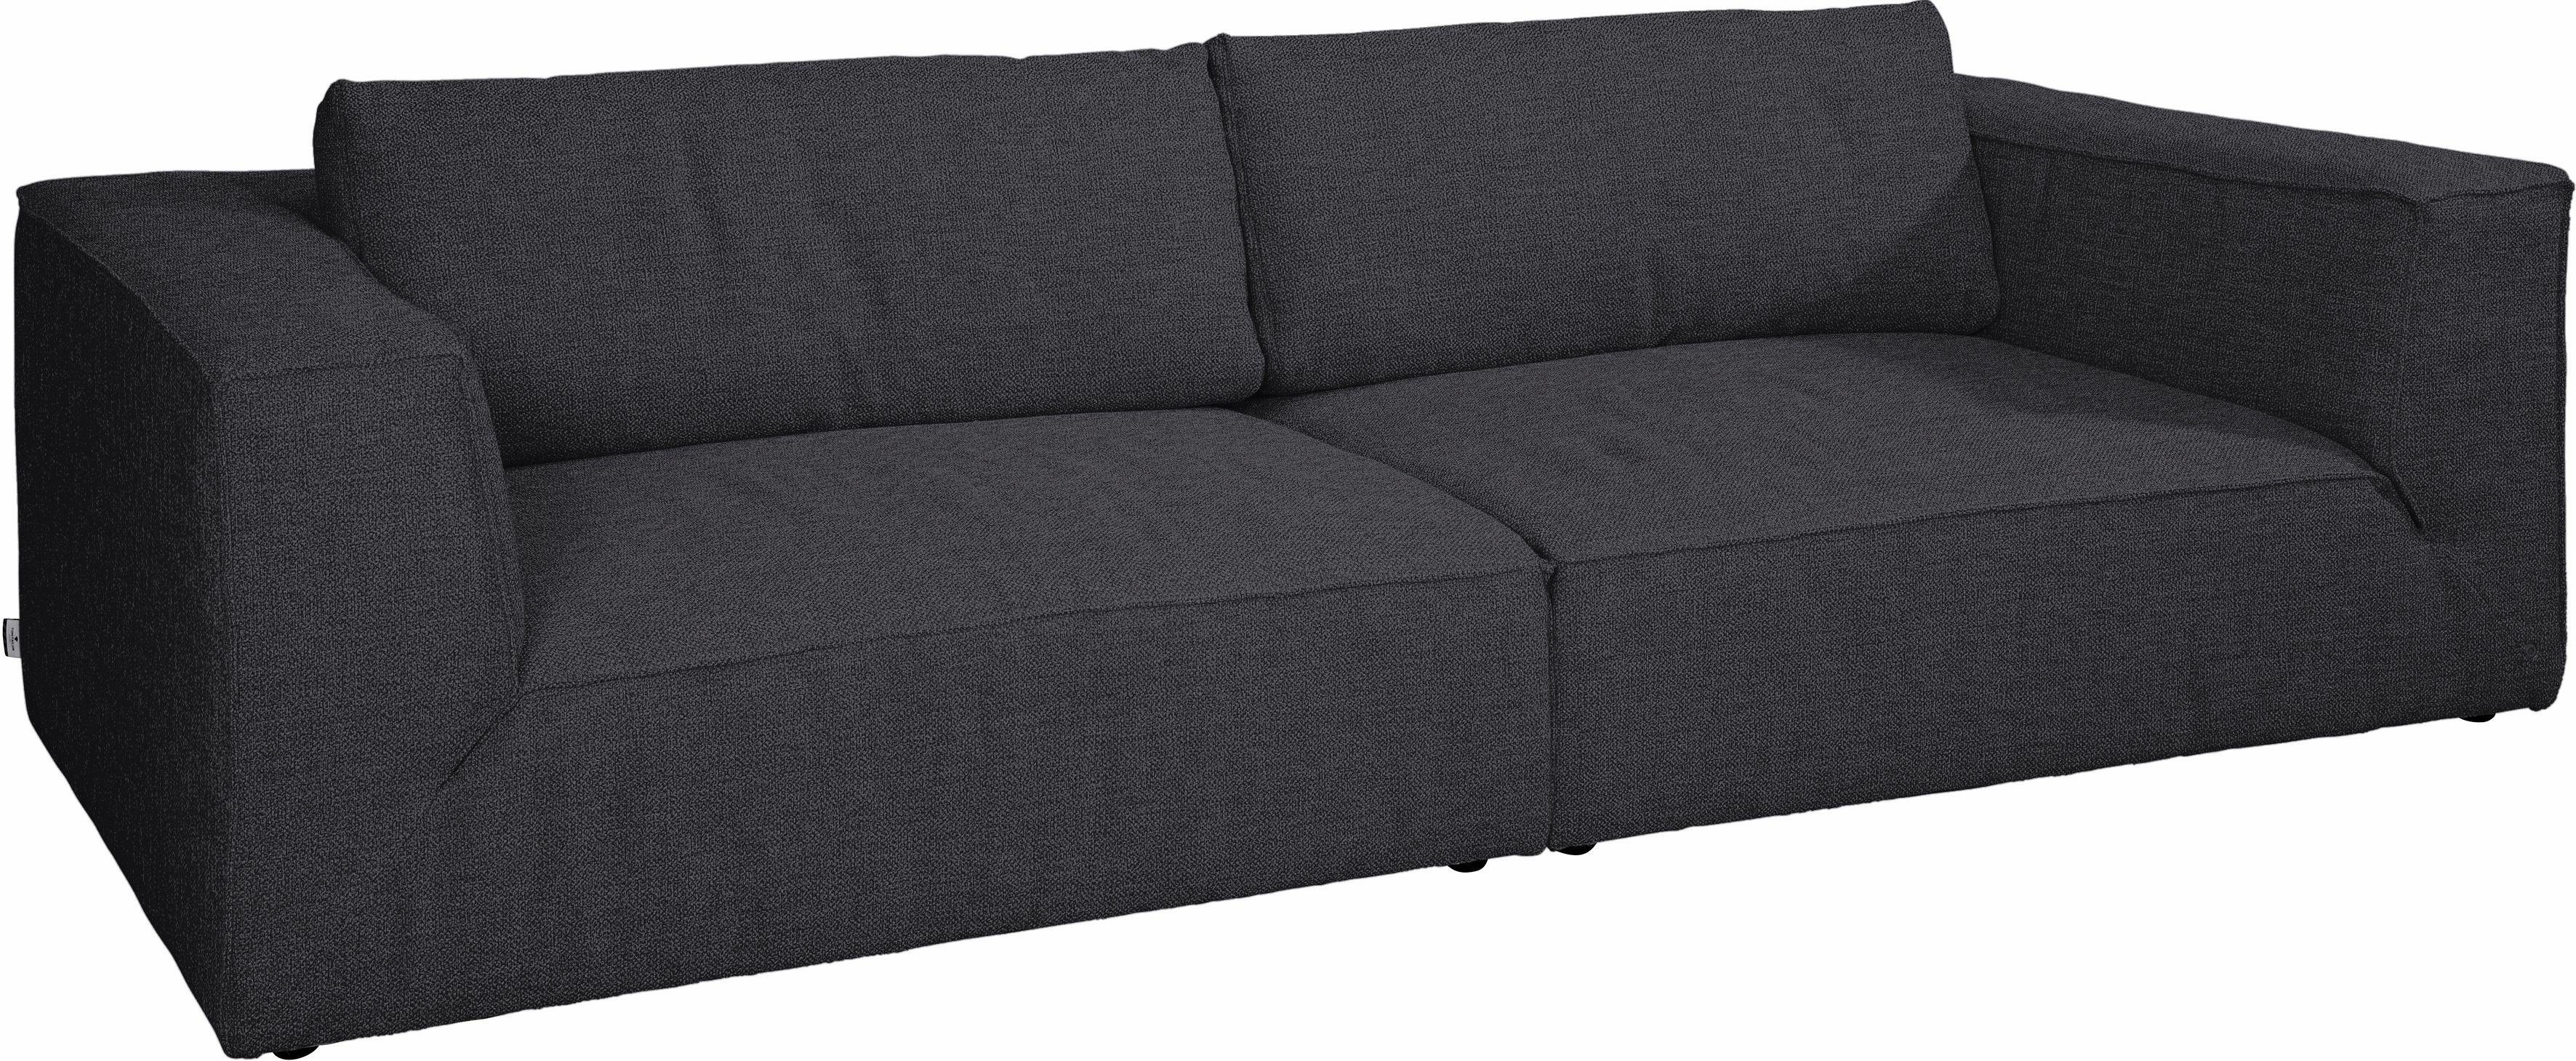 cube 240 preisvergleich die besten angebote online kaufen. Black Bedroom Furniture Sets. Home Design Ideas